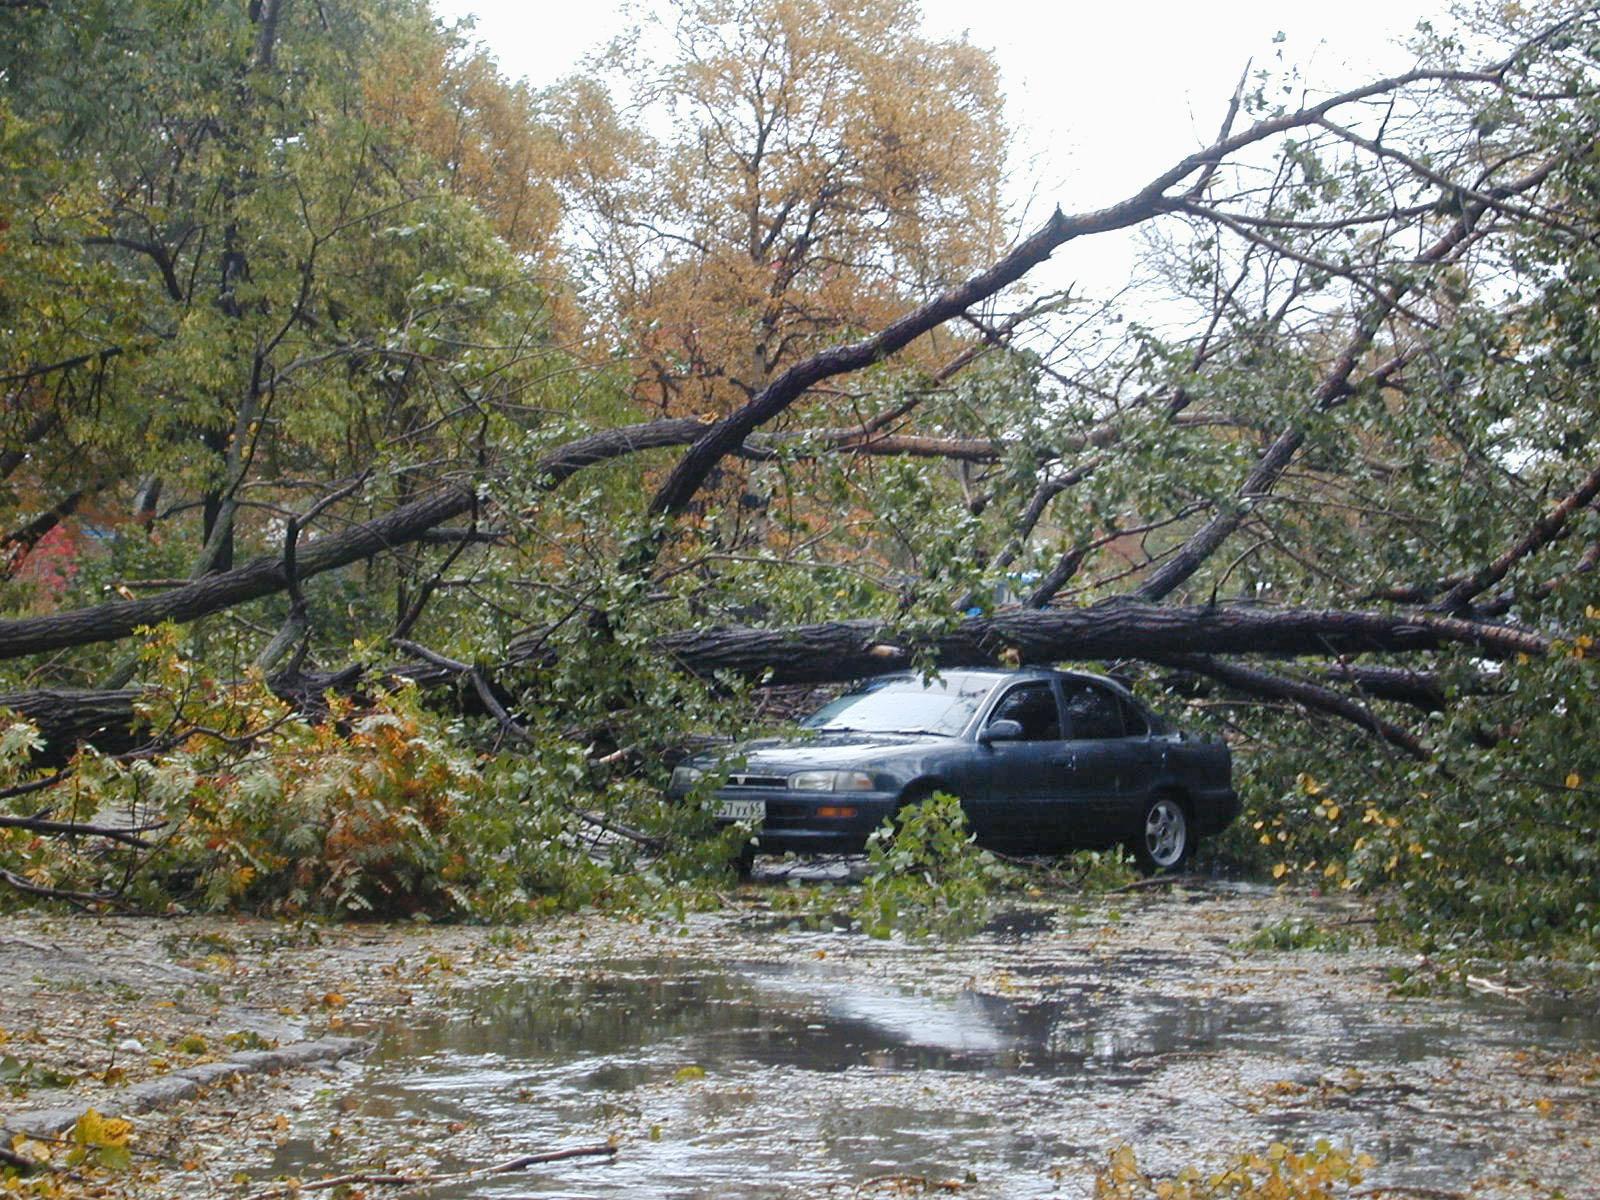 Поваленное дерево от сильного порыва ветра